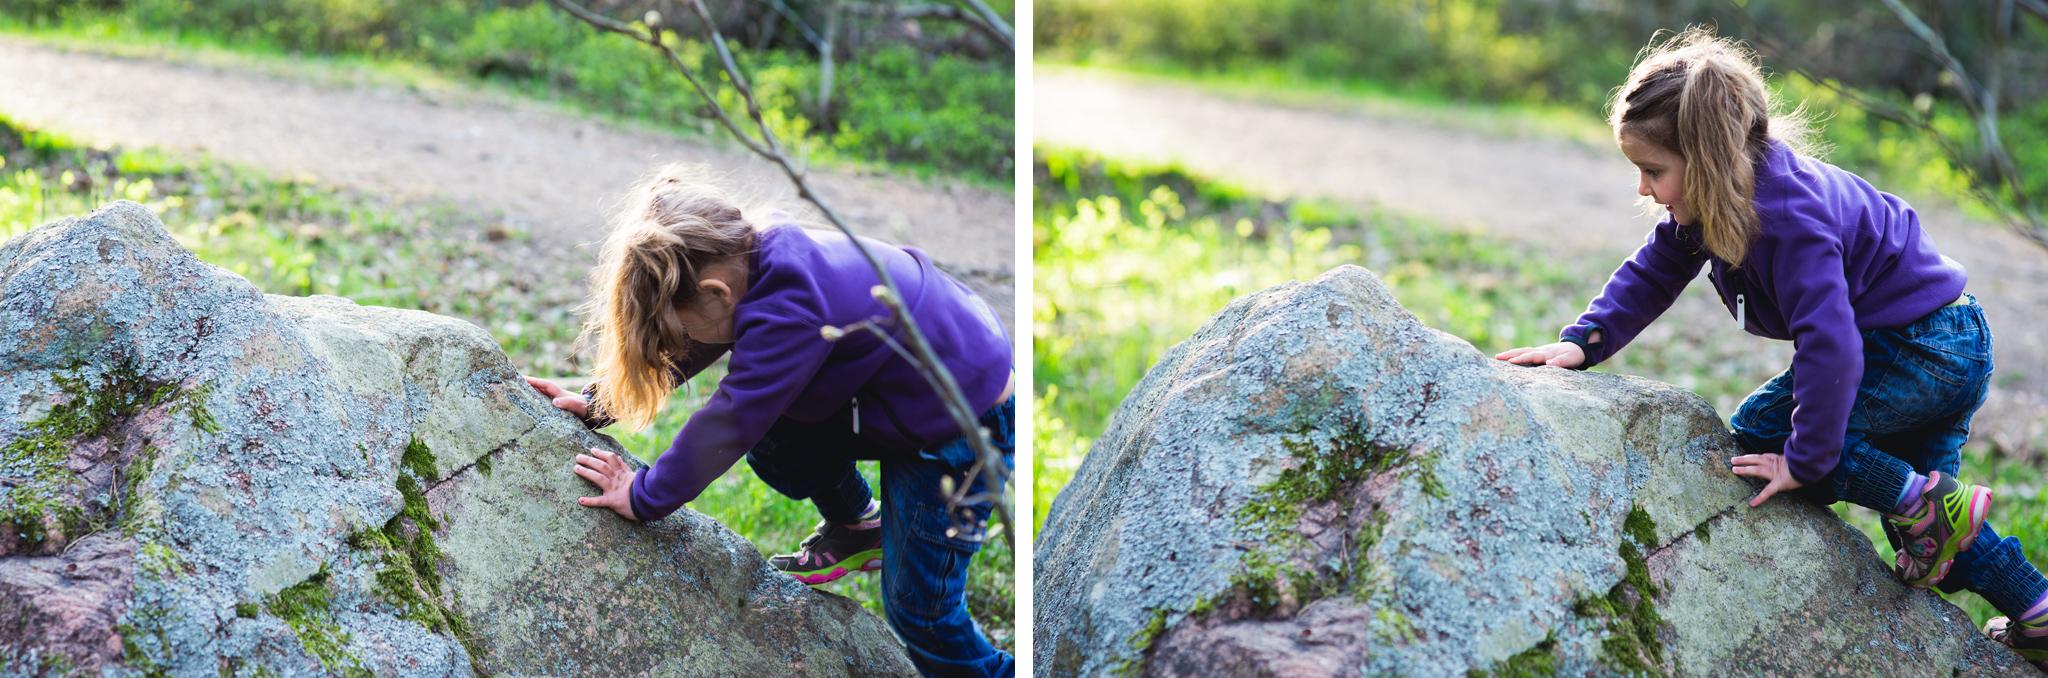 barn som klattrar pa sten i skogen